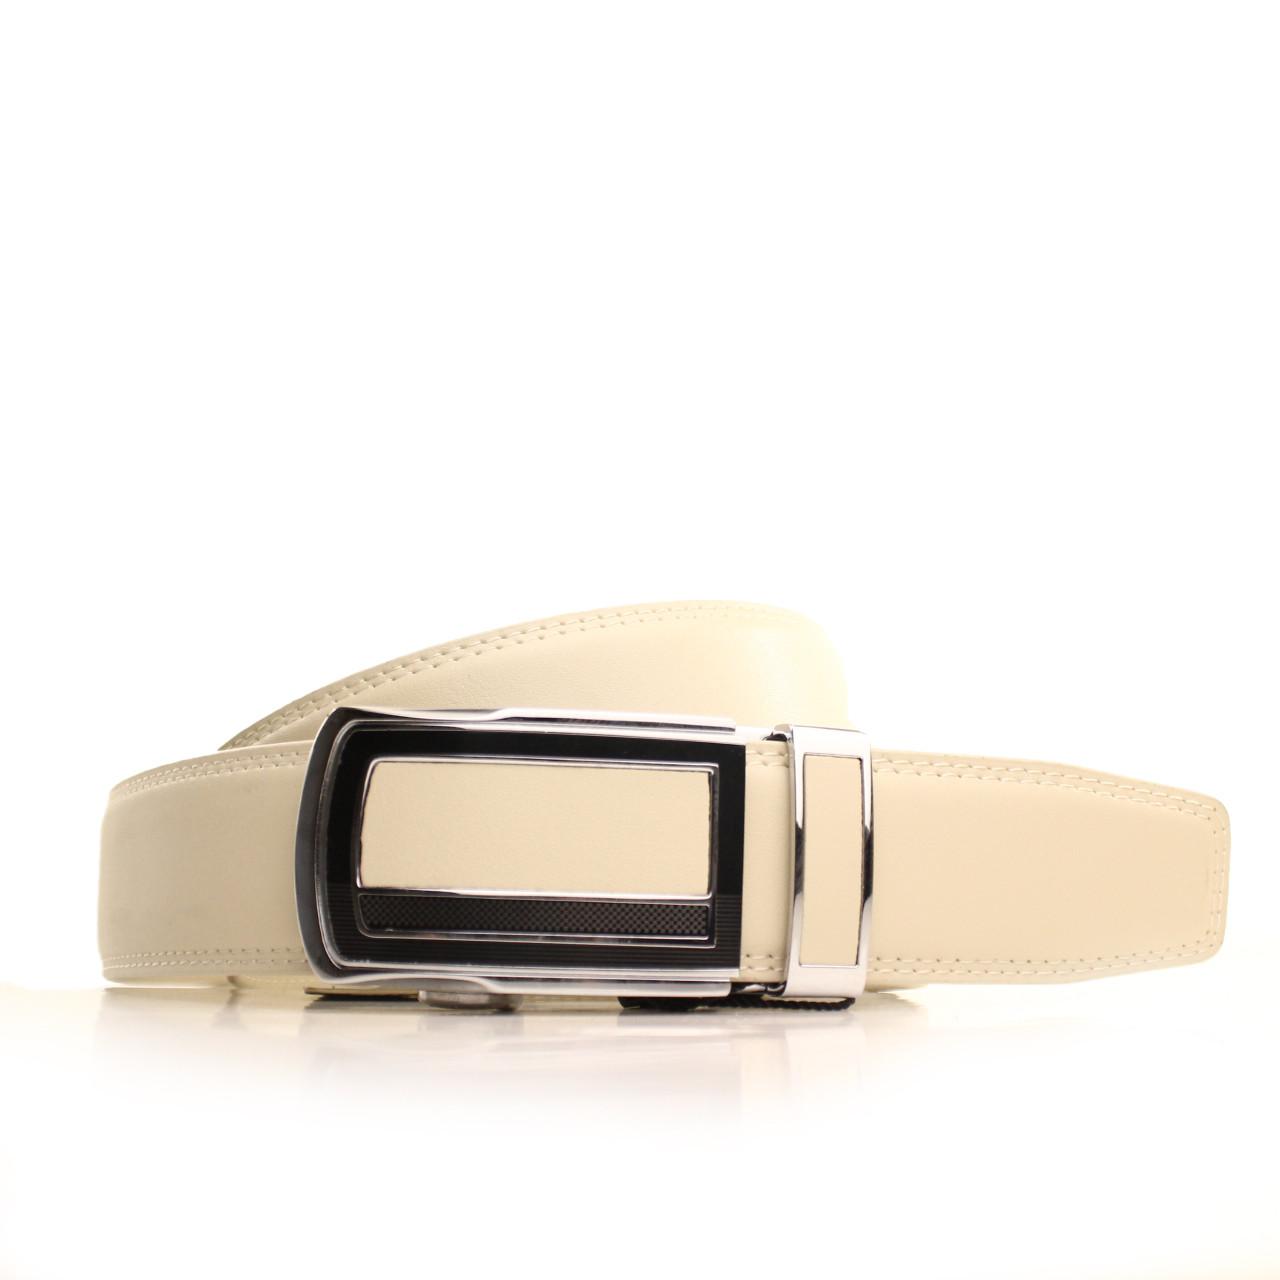 Ремень кожаный Alon 105-115 см китай l35a1a20